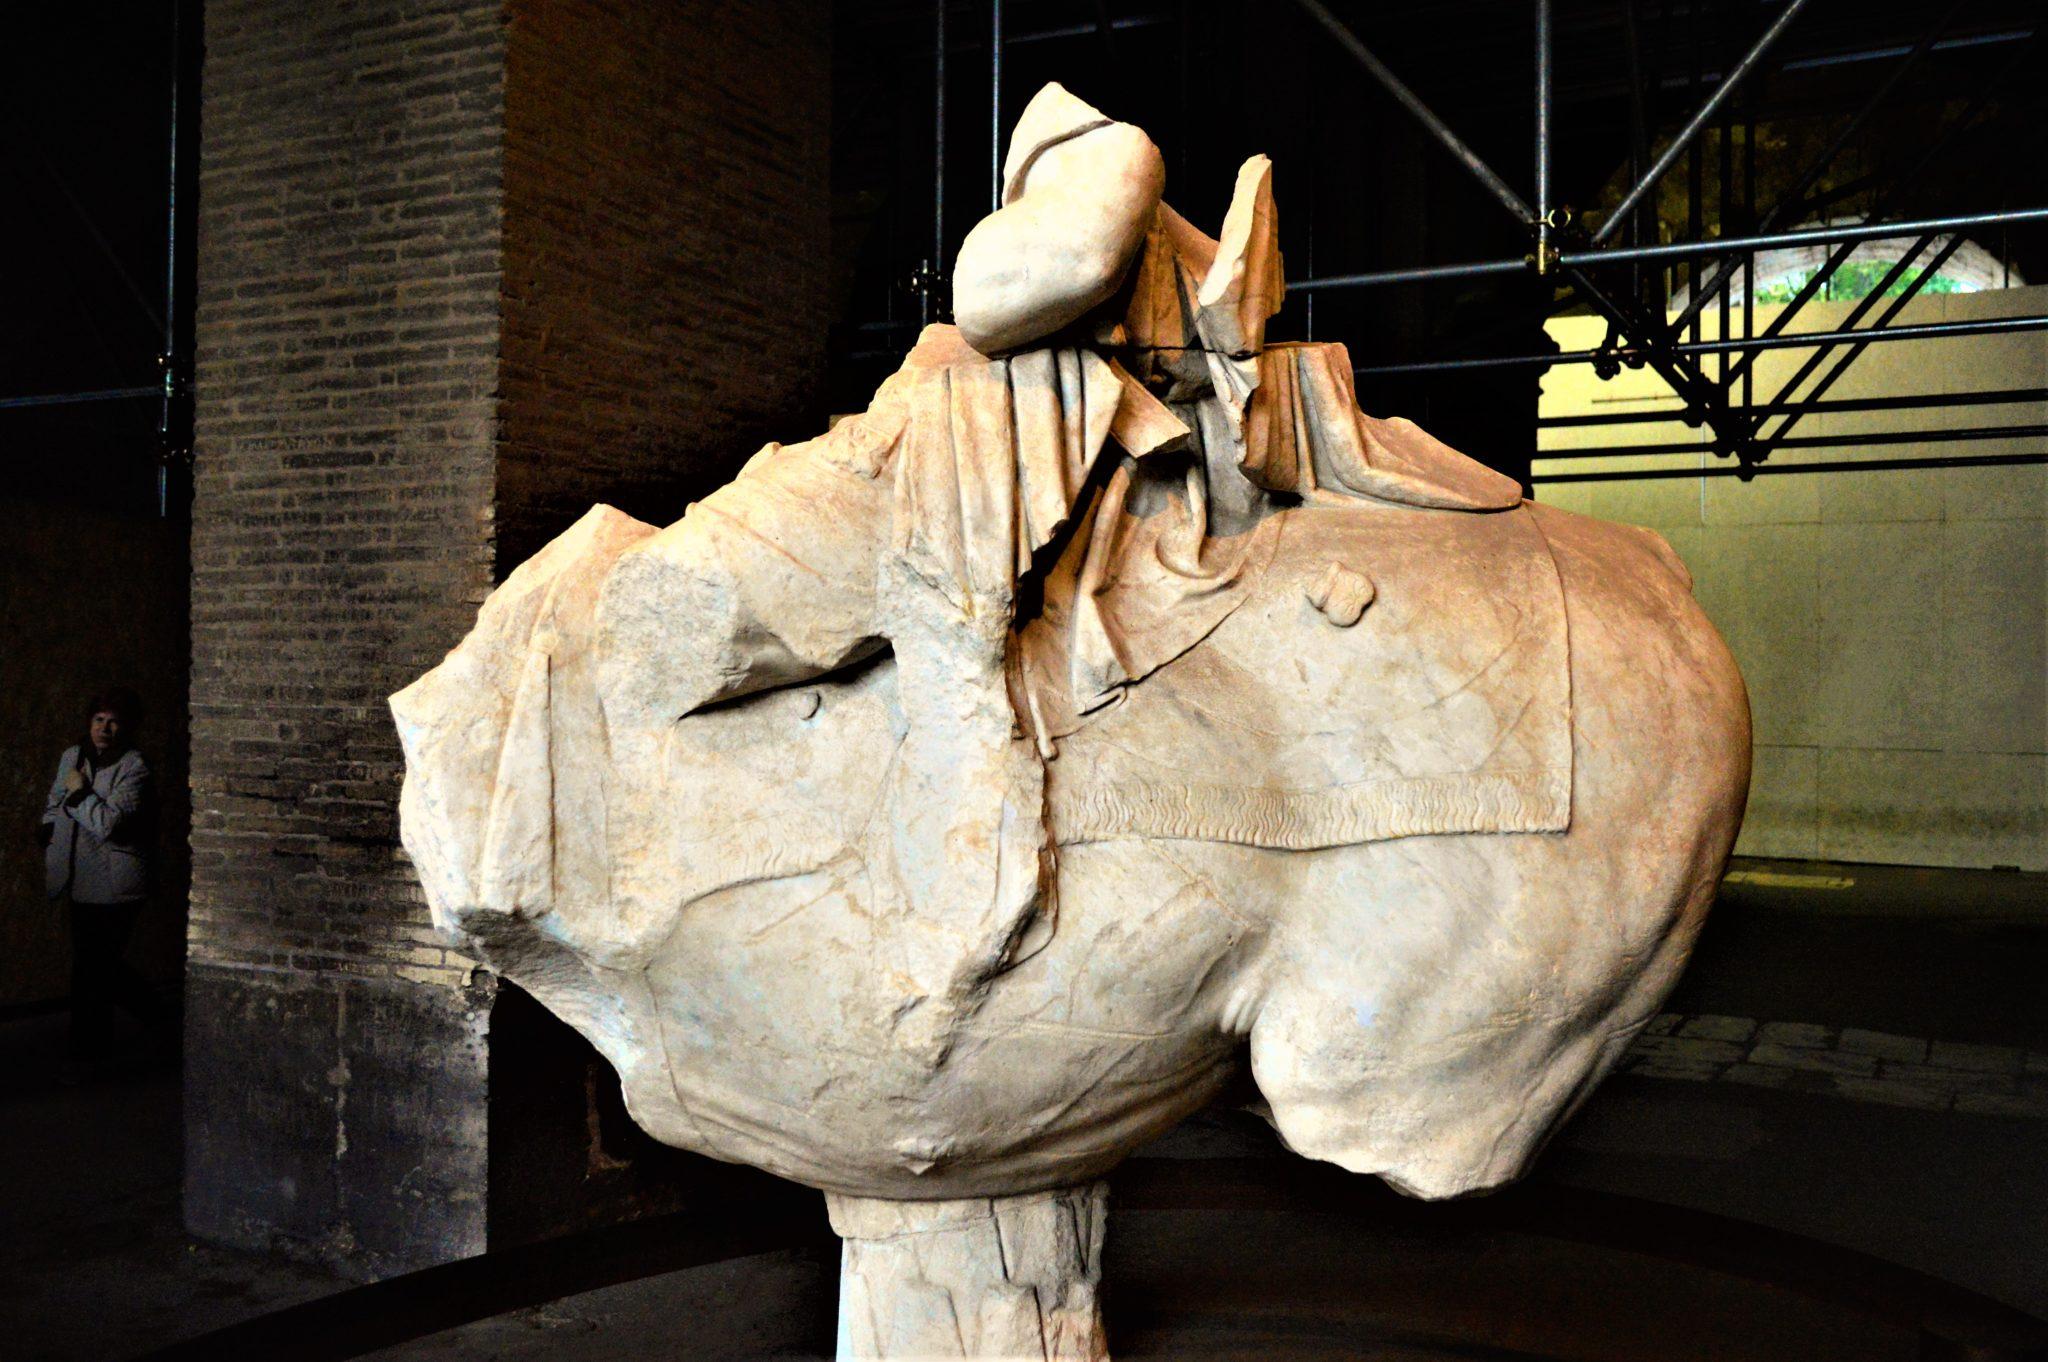 Horse statue, Roman Colosseum, Rome, Italy